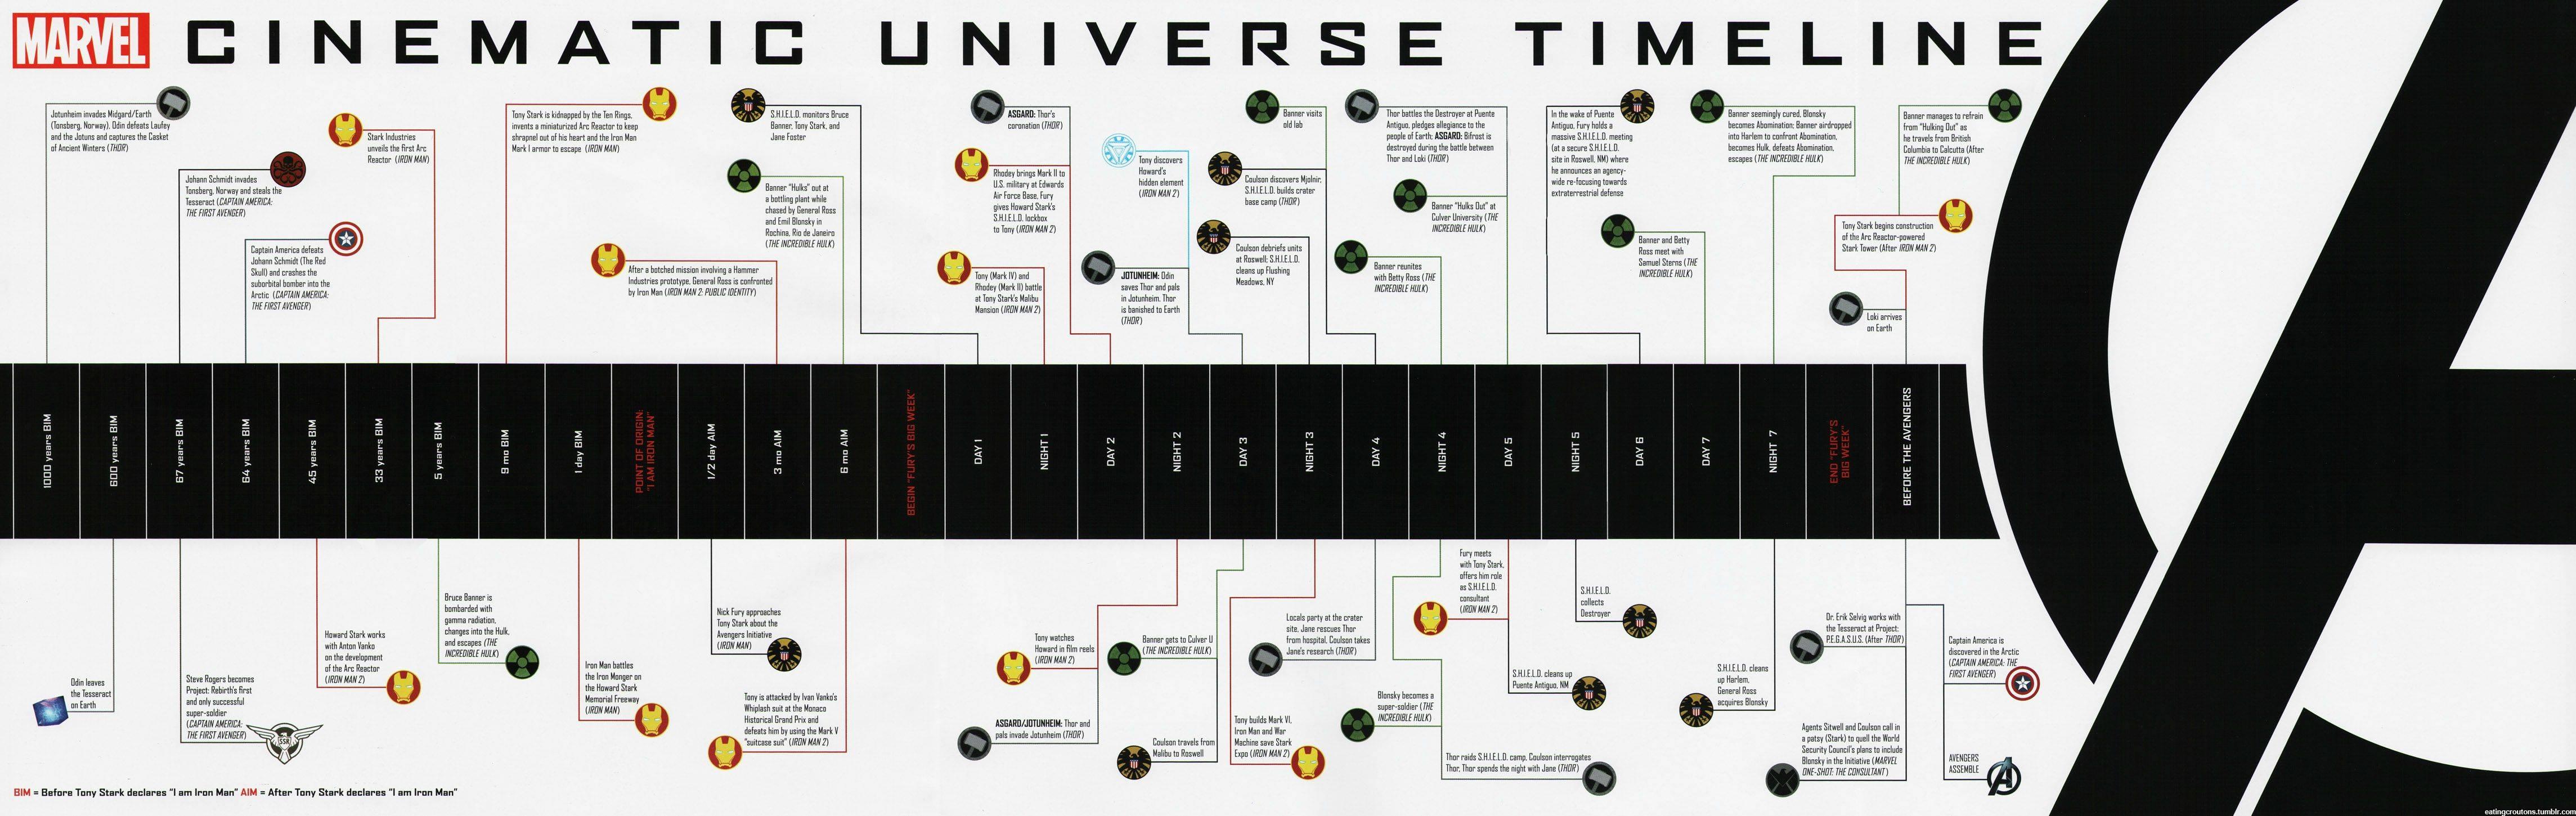 Timeline Marvel Cinematic Universe Wiki Fandom